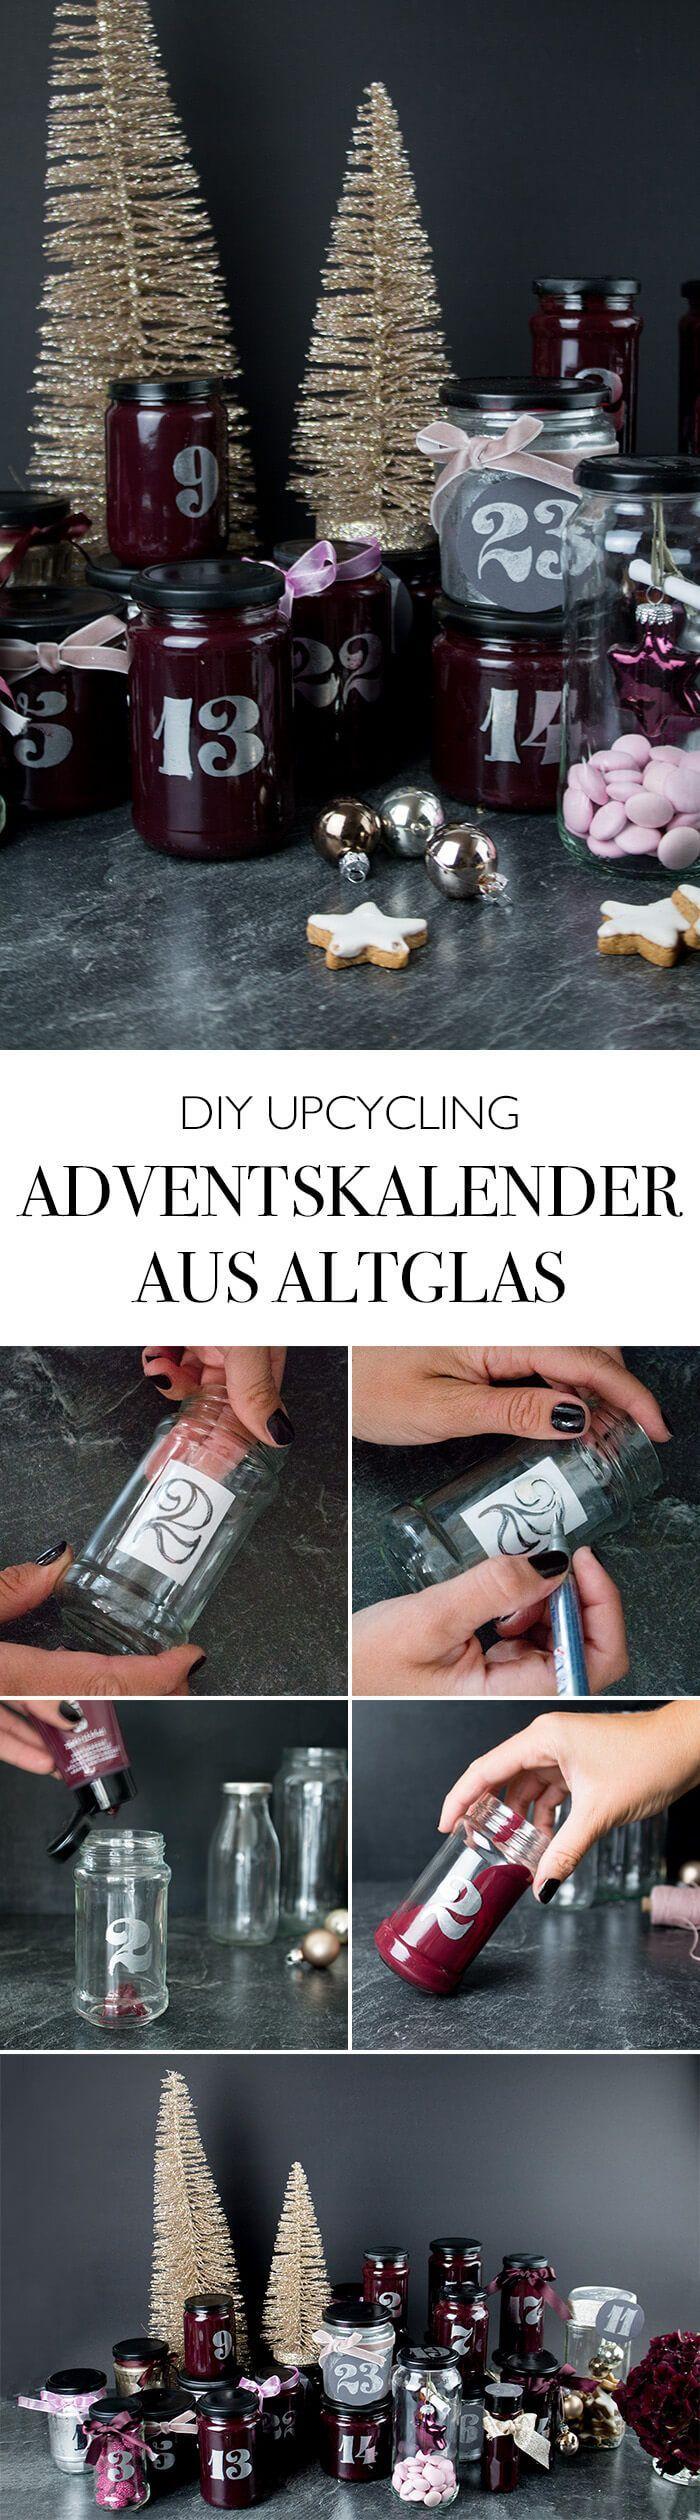 Adventskalender aus Altglas basteln – Weihnachten DIY Deko Blog #gemütliche Hä…